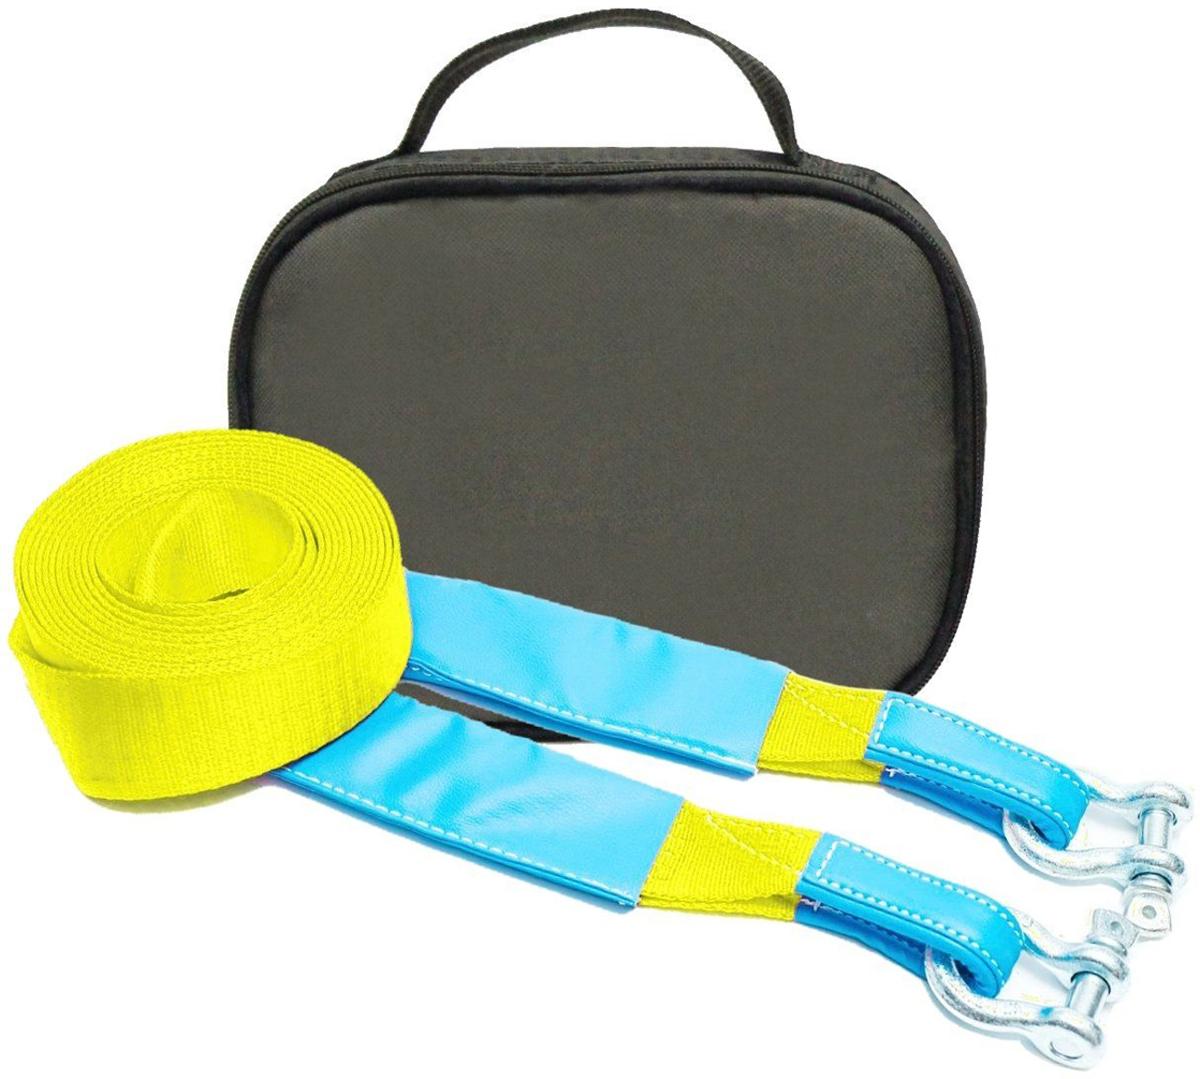 Строп динамический Tplus Стандарт, рывковый, с сумкой, цвет: оливковый, с шаклами, 6 т, 9 м. T001961T001961Минимальная разрывная нагрузка (MBS): 6 т; Длина: 9 м; Ширина ленты: 70 мм; Материал ленты: полиамид; Защита петель: экокожа; Защита швов: экокожа; Эластичность (удлинение при нагрузке): 20%; Исполнение: петля/петля; Шакл 2/12 т: 2 шт. (безопасная рабочая нагрузка (SWL)/минимальная разрывная нагрузка (MBS); Применяется для а/м массой* от 1 до 1.8 т; Сумка (оксфорд); Гарантия: 1 год. *масса а/м = снаряженная масса а/м + 100 кг (+20% при эвакуации а/м из грязи). Если а/м оснащен дополнительным оборудованием (силовой бампер, лебёдка и т. п.), то масса а/м = снаряженная масса а/м + 100 кг + масса дополнительно установленного навесного оборудования (+20% при эвакуации а/м из грязи).